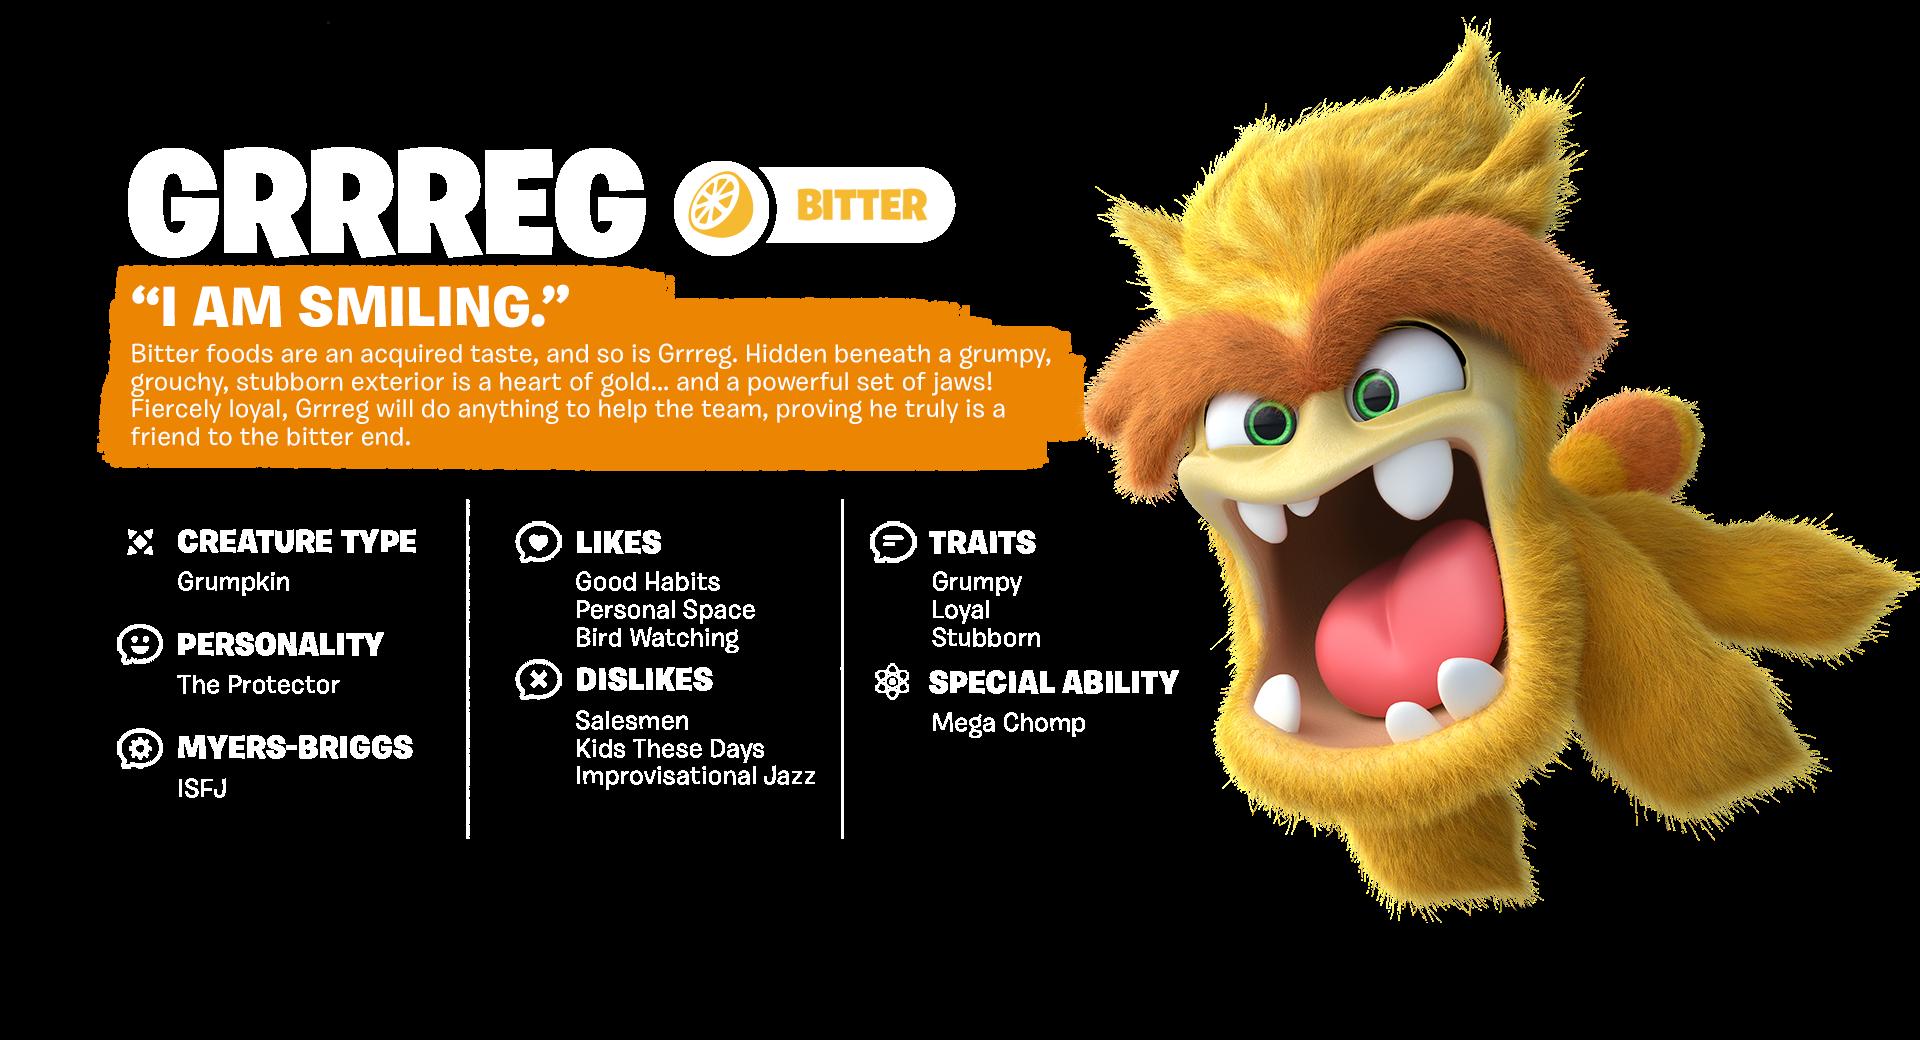 Tastebuds - Grrreg - Character